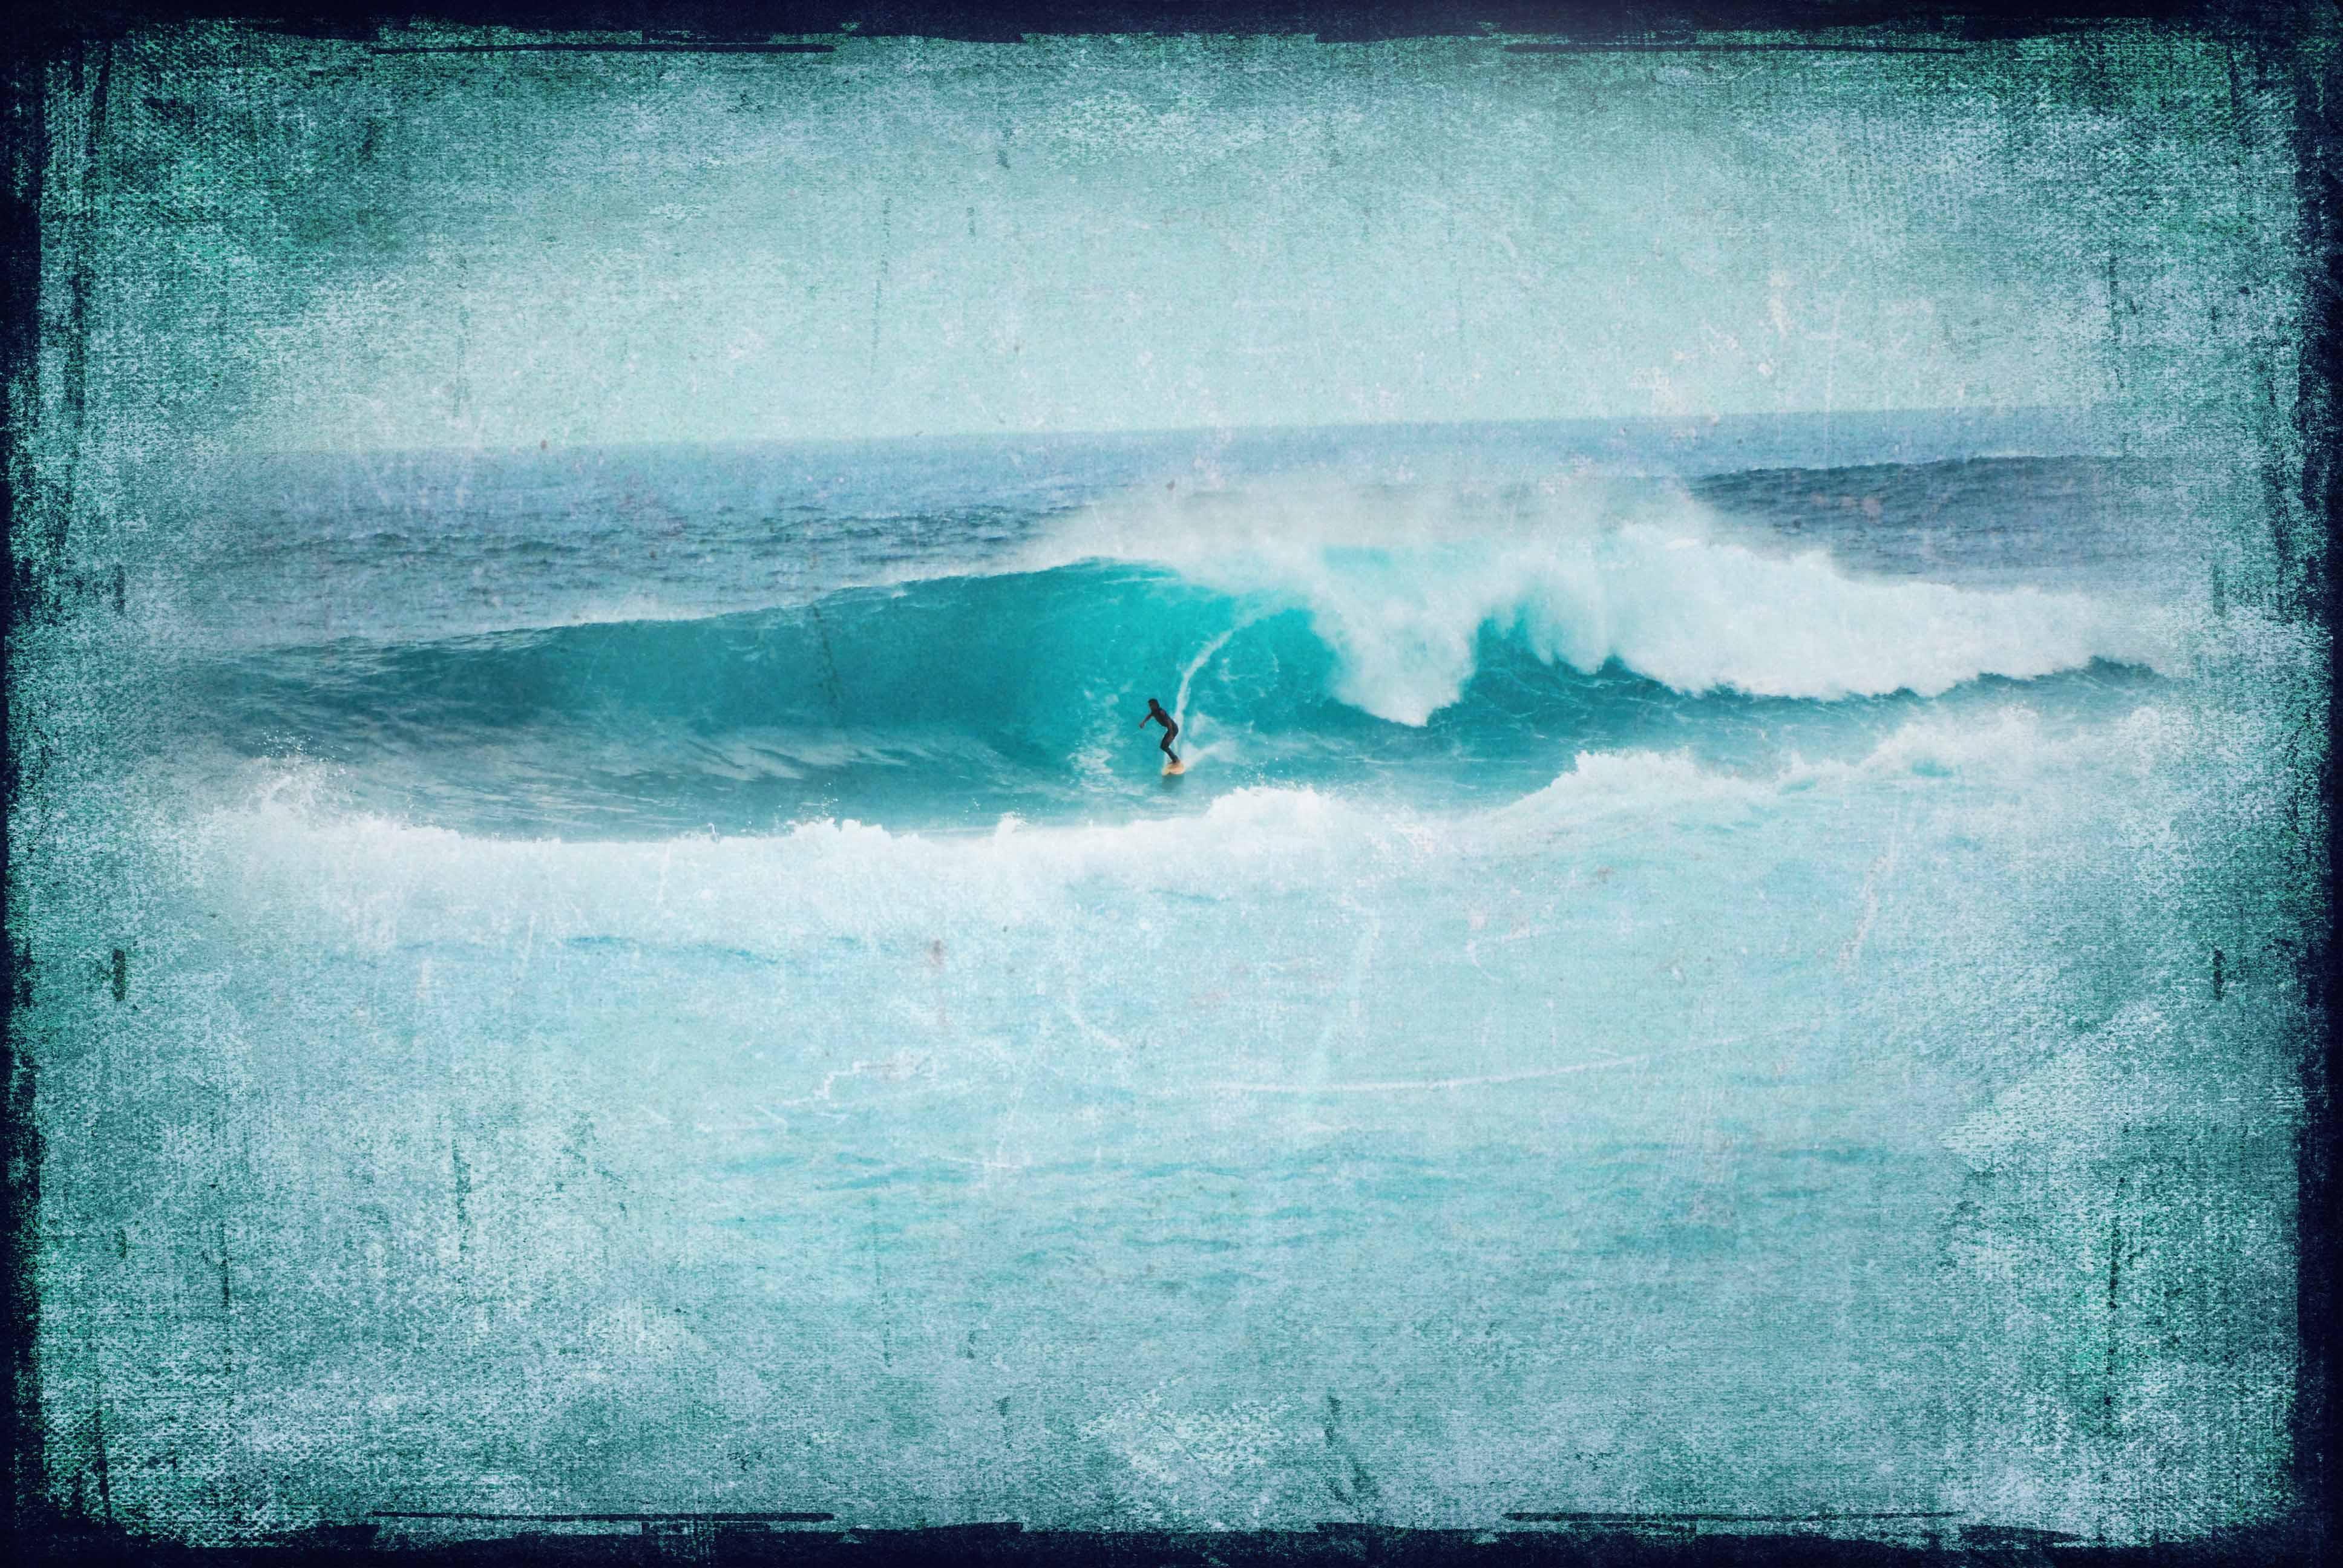 Vintage Surfer print, Teal